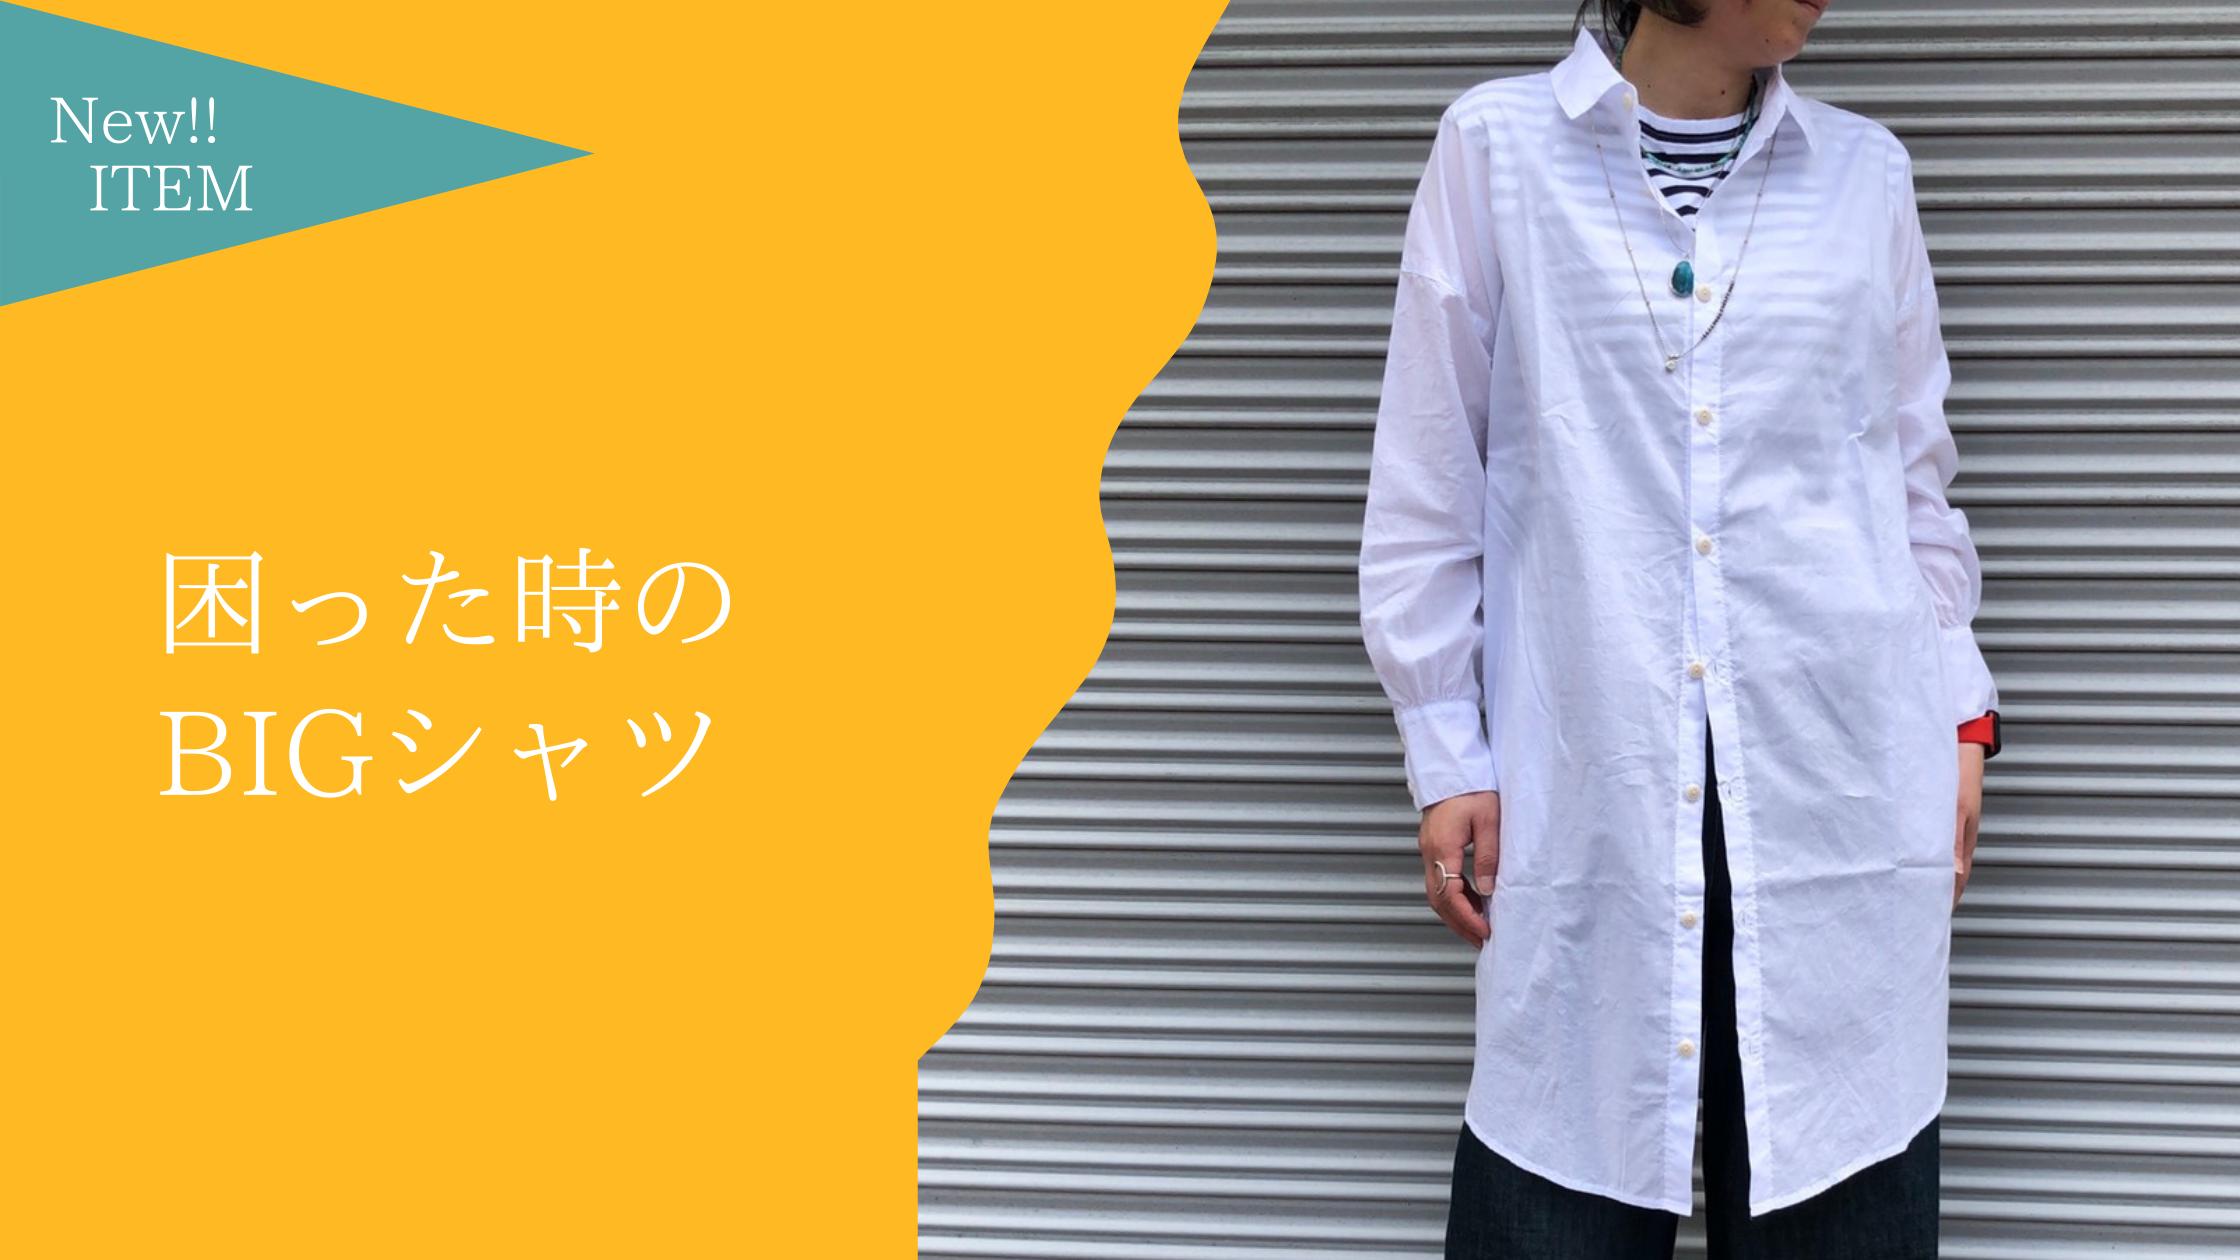 【新作】人気のBIGシャツが薄手のローン生地で新登場!